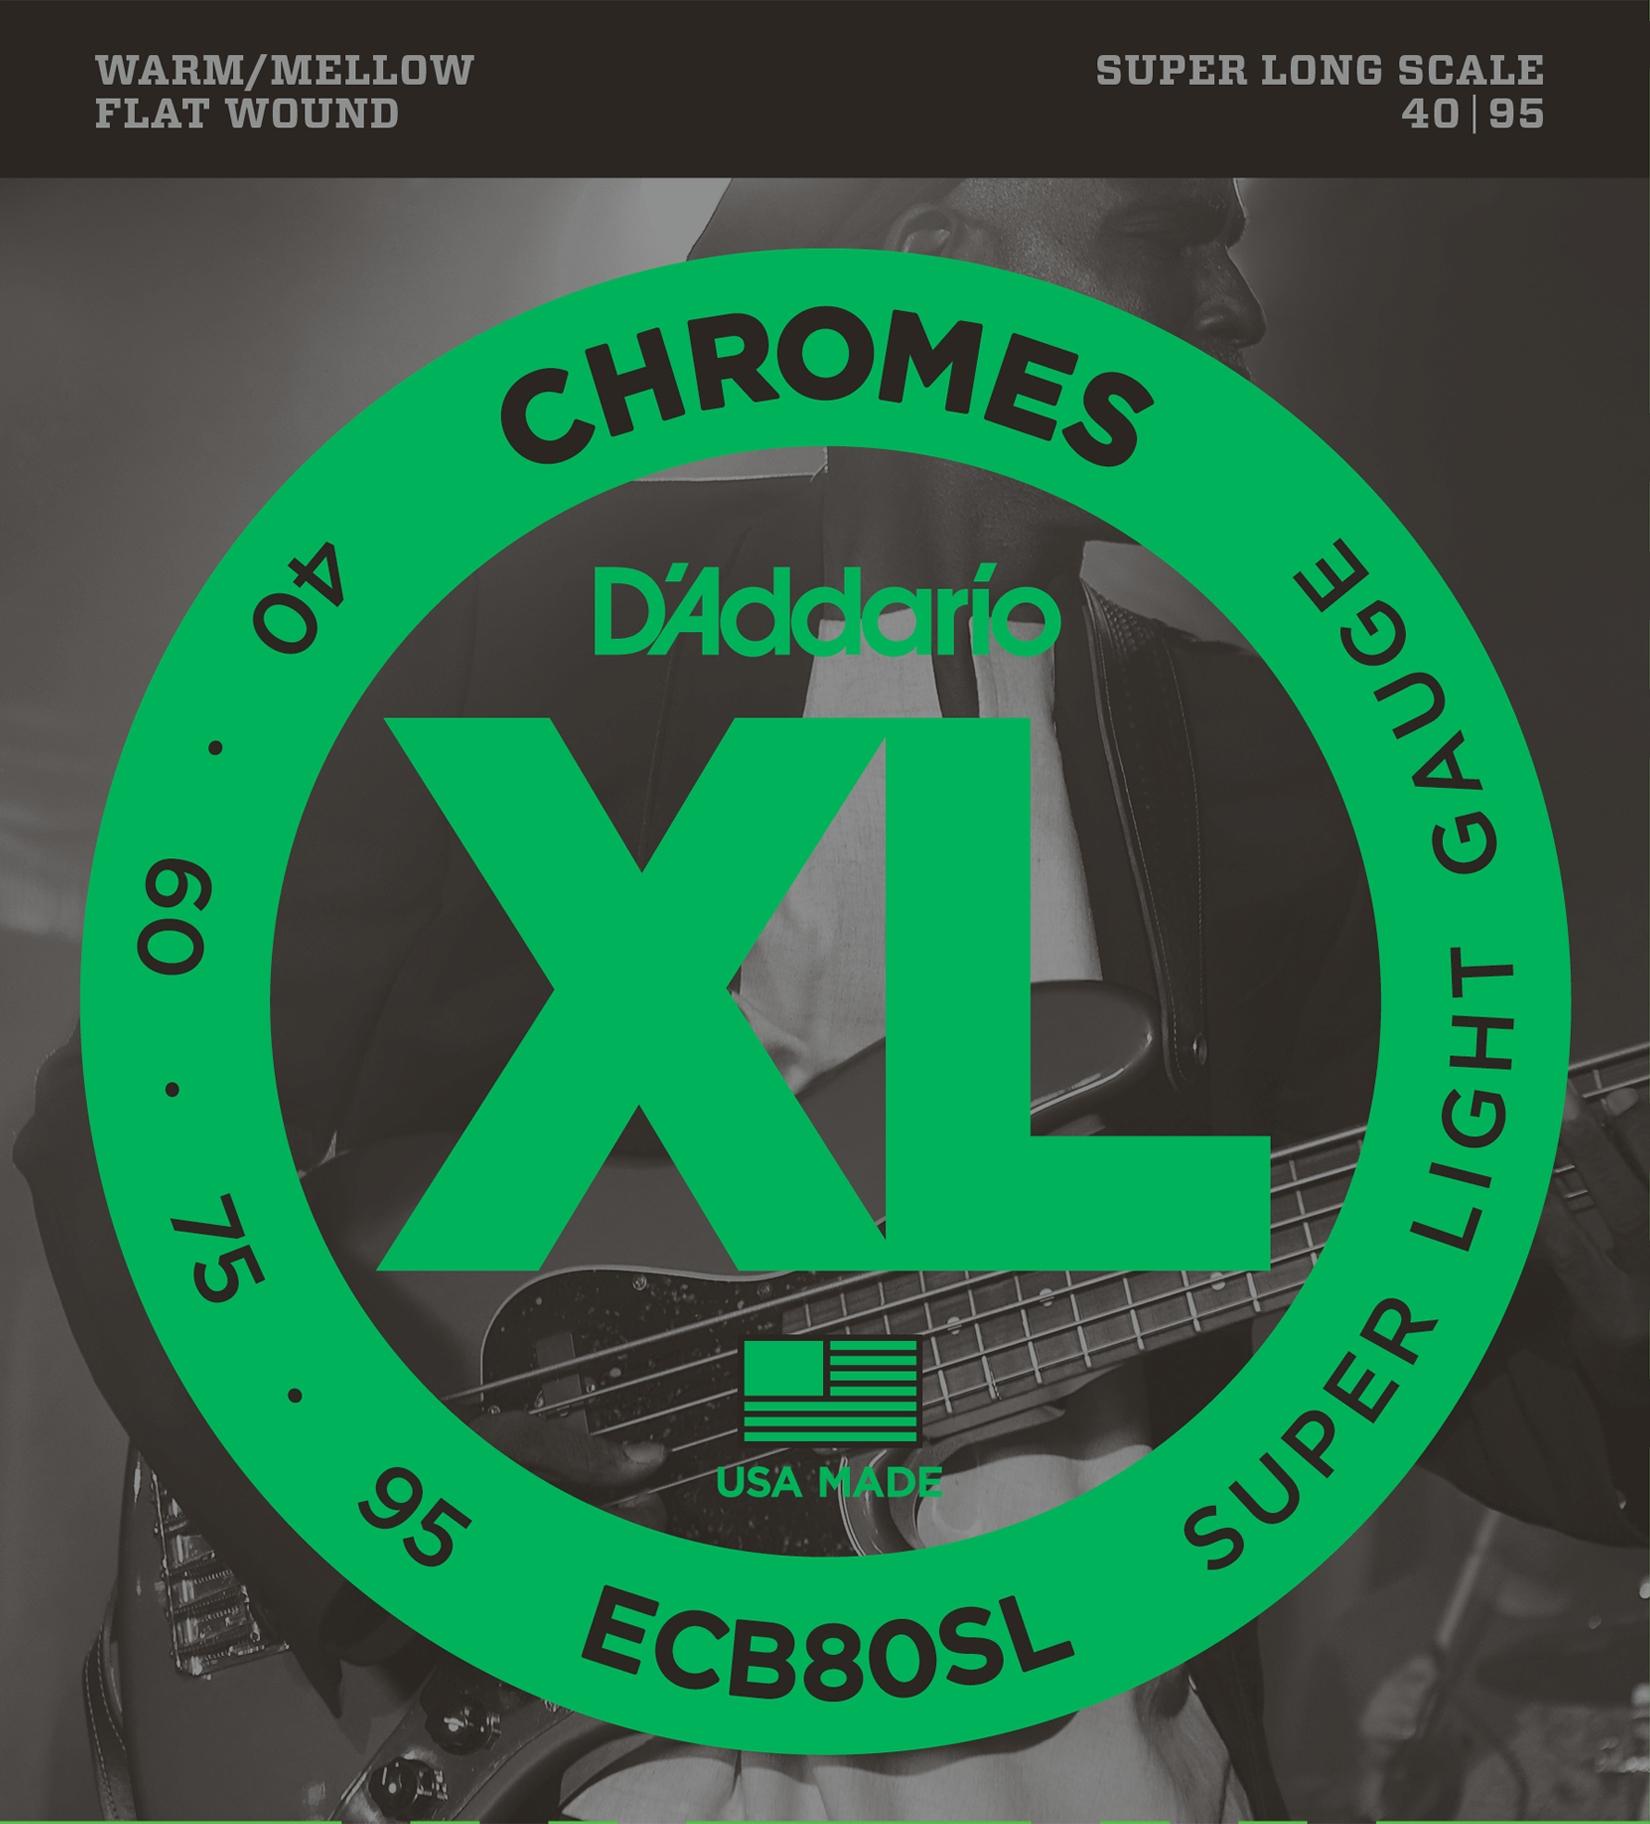 DAddario ECB80SL - Juego de cuerdas para bajo eléctrico de cromo.040 -